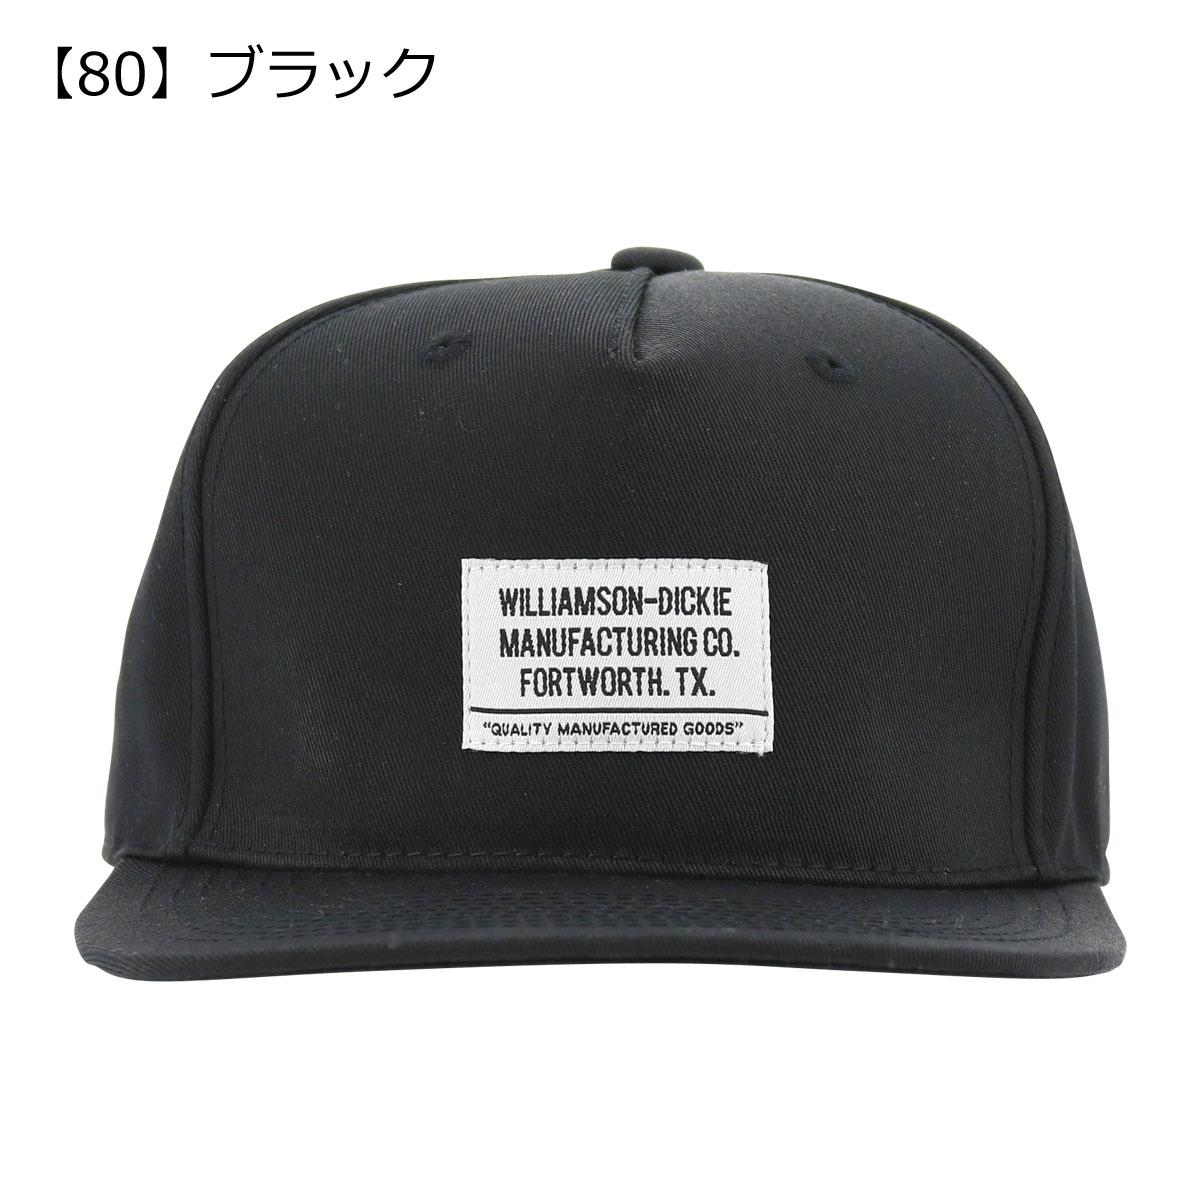 【80】ブラック